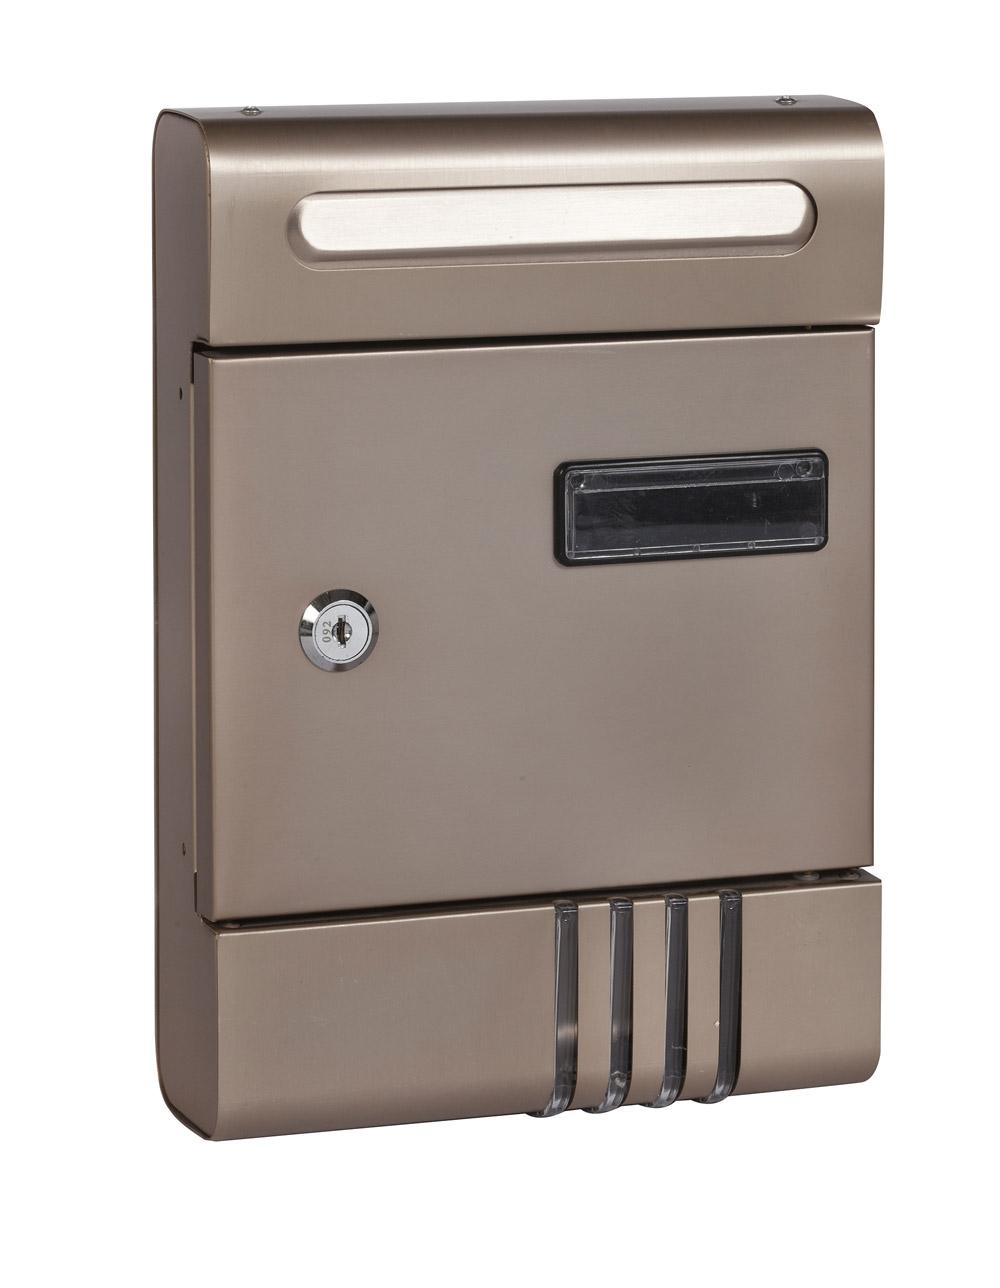 תיבת דואר חד צדדית חיצונית על הקיר